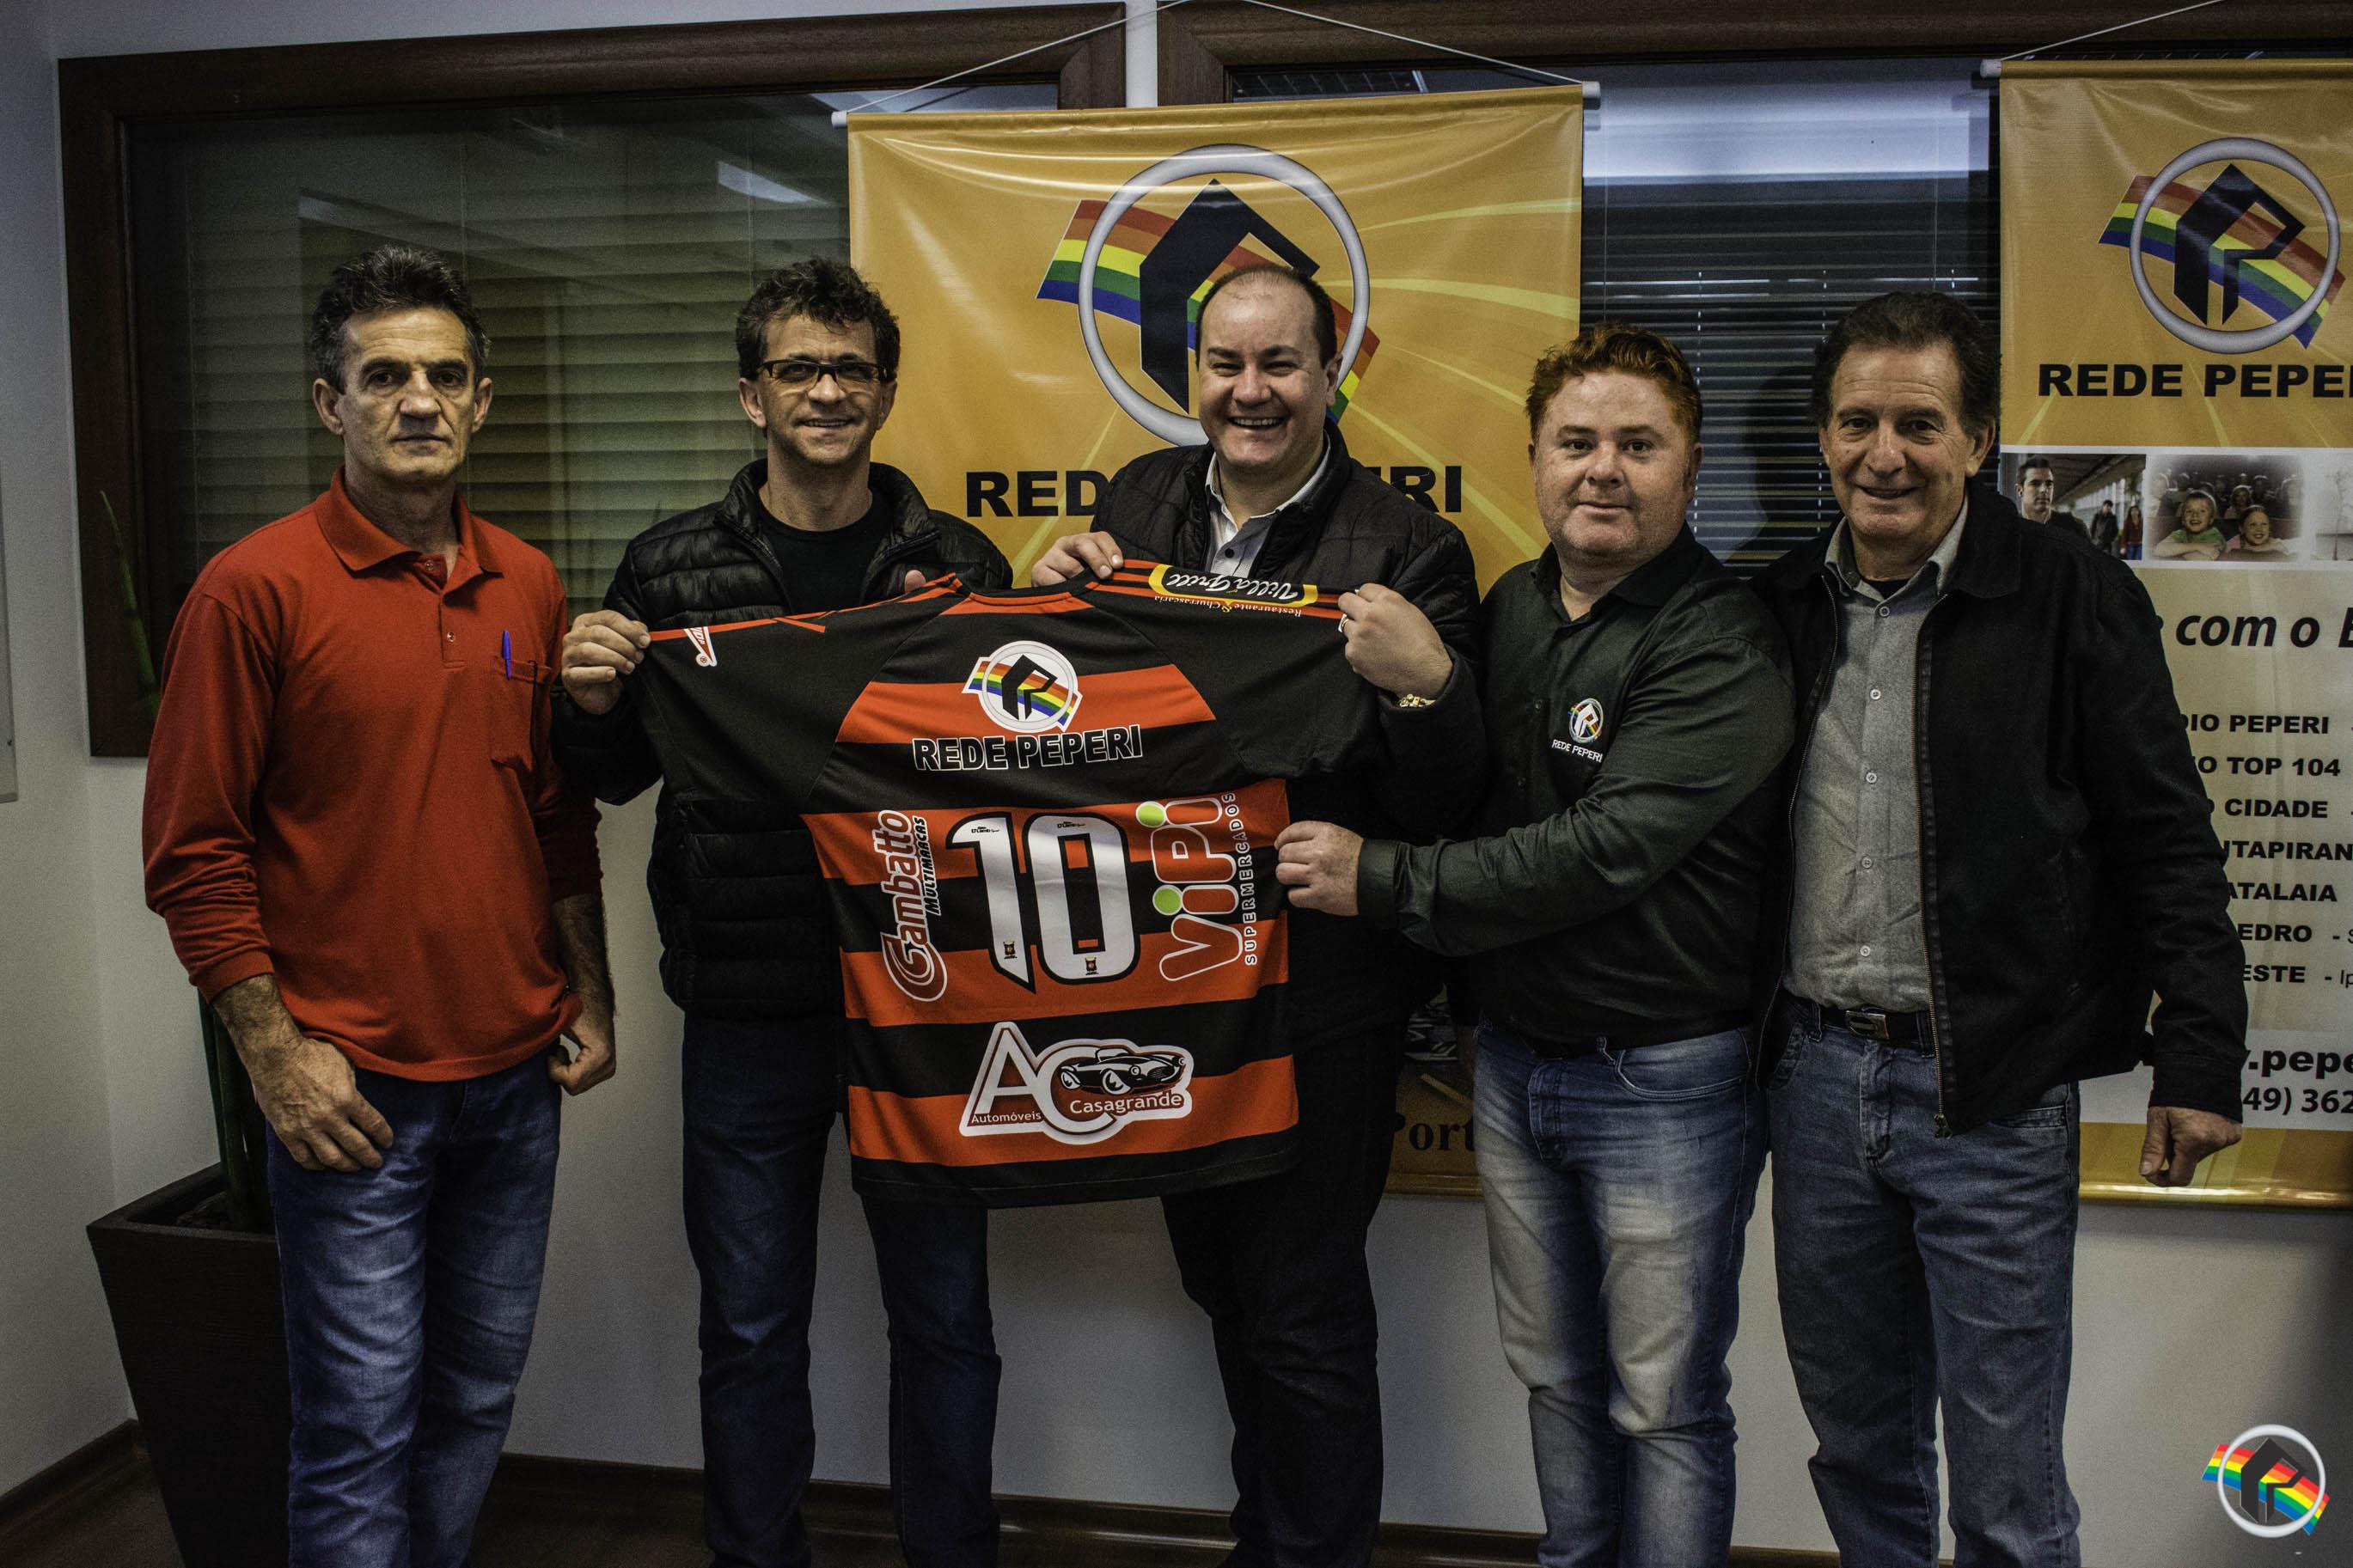 Diretoria do Guarani entrega camisa oficial a Rede Peperi